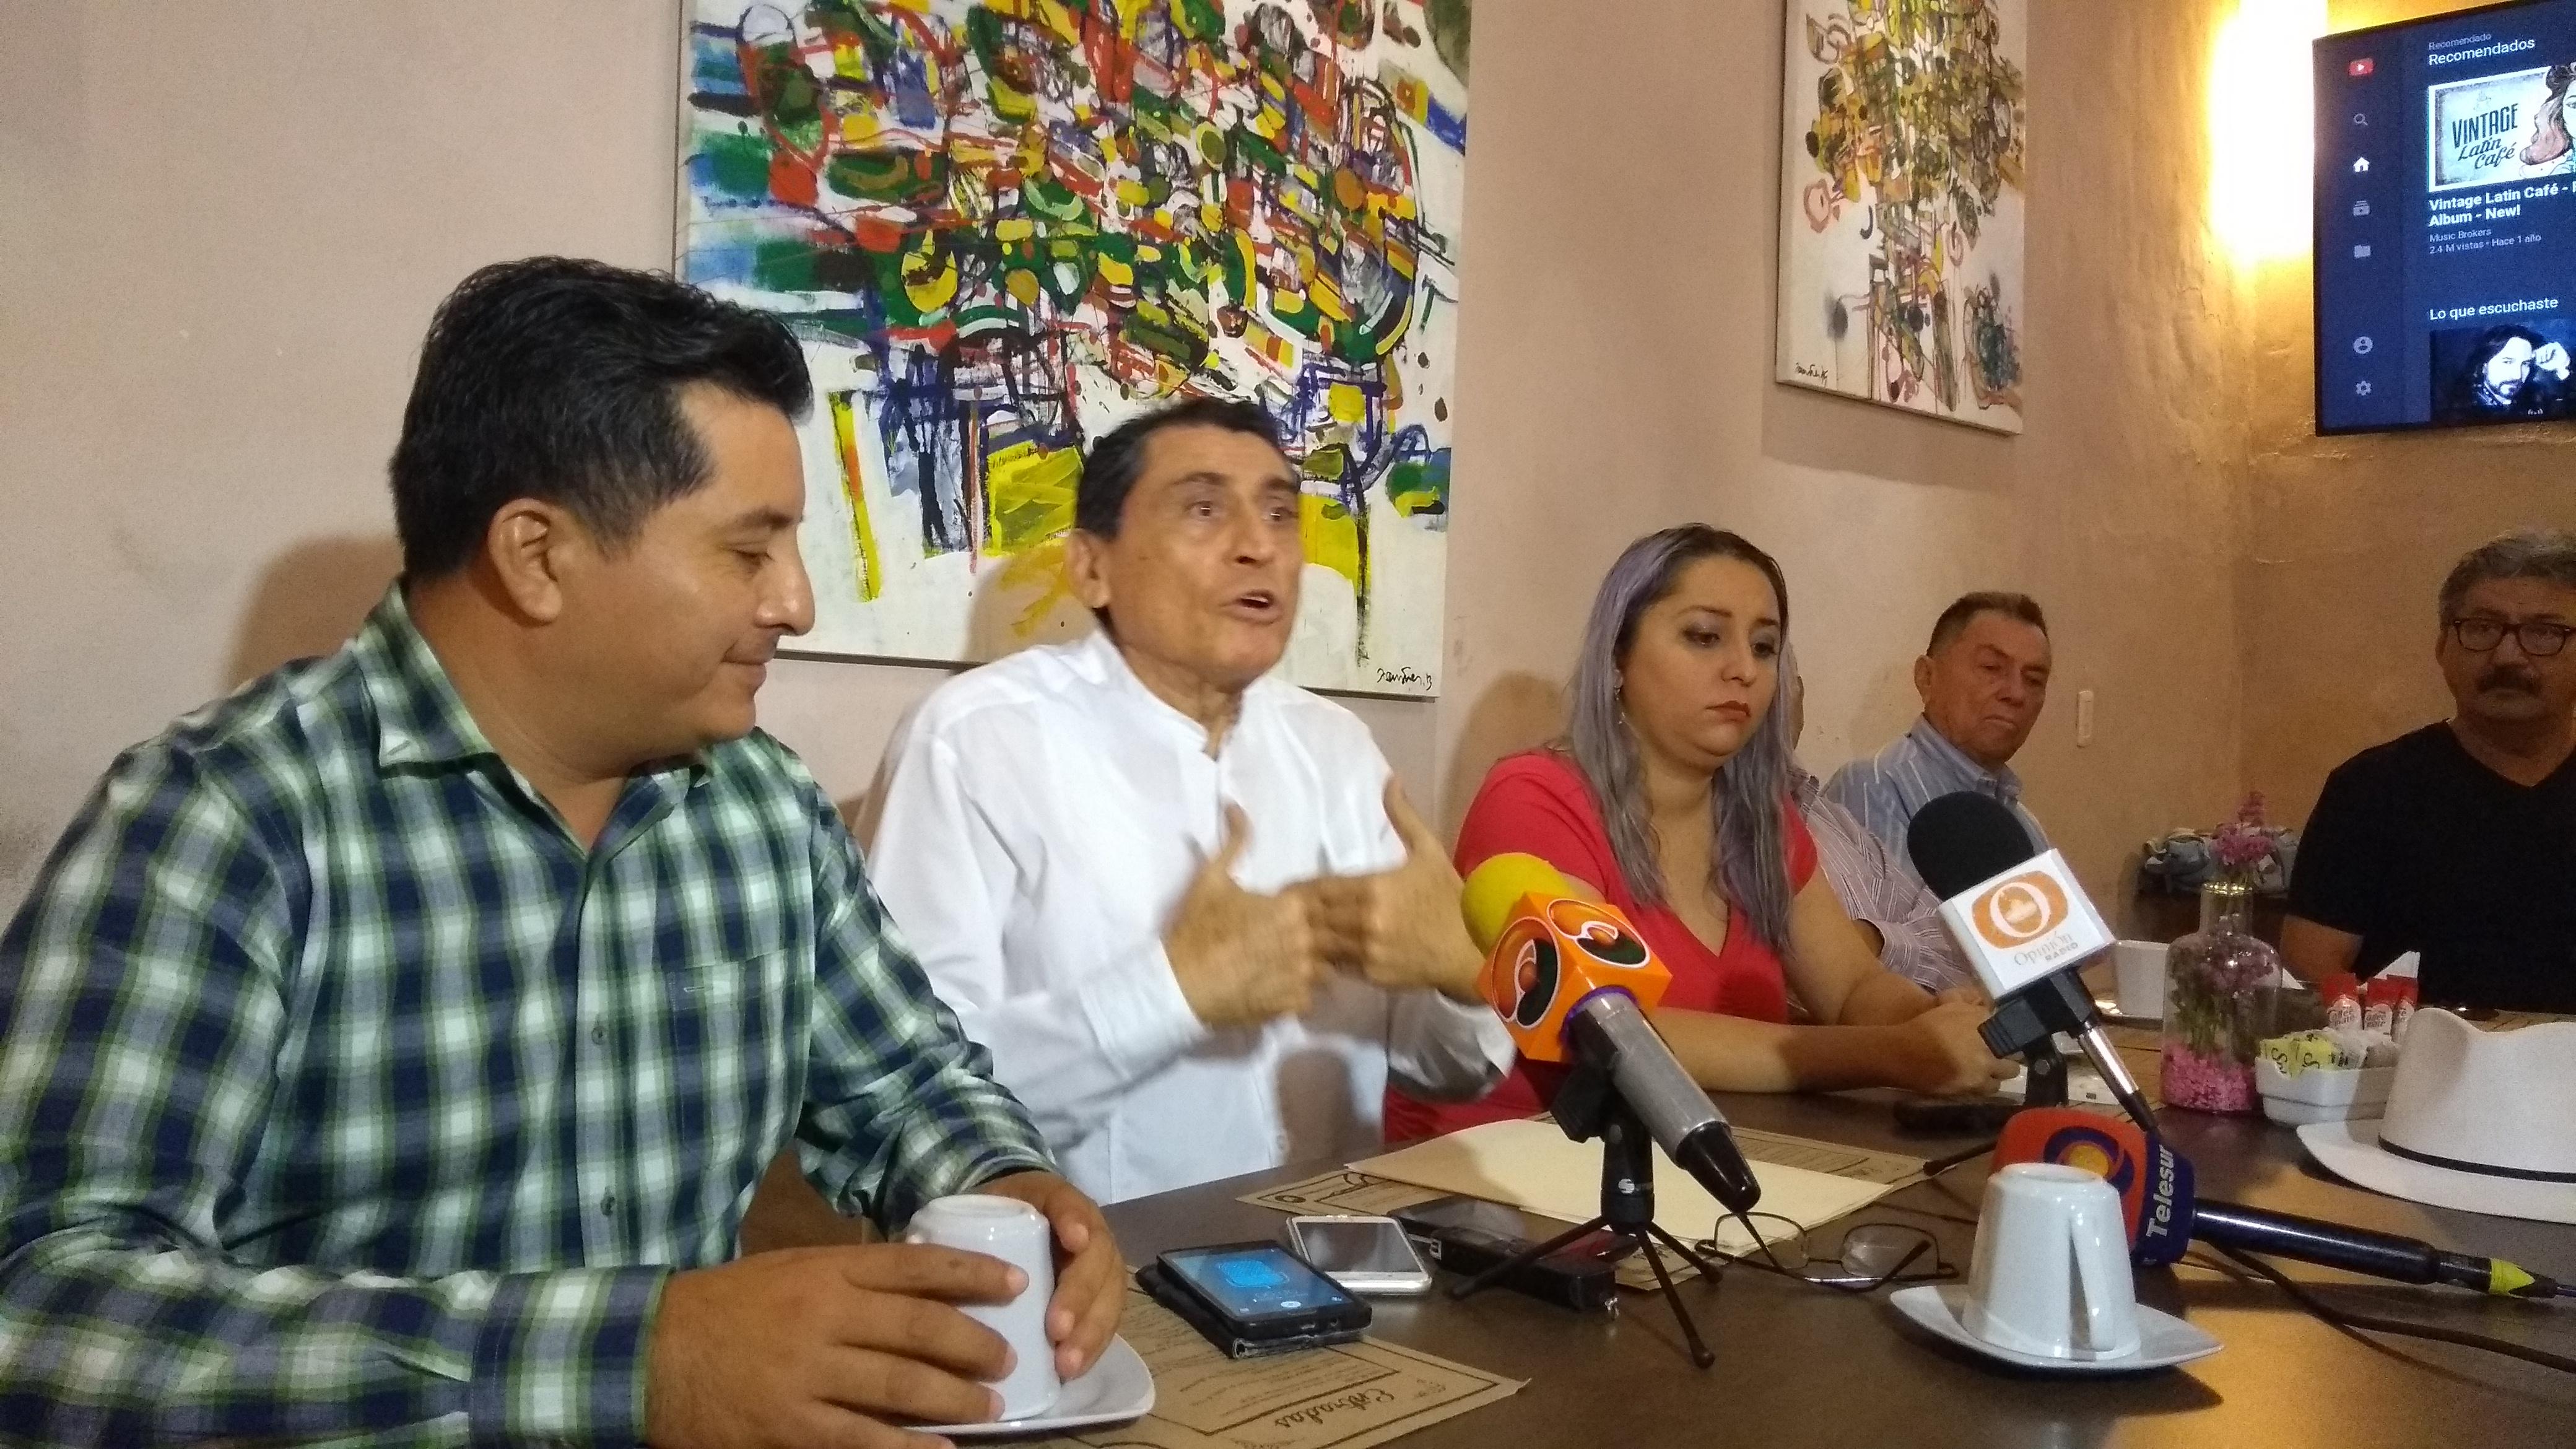 Desiste aspirante independiente yucateco; se queja de farsa